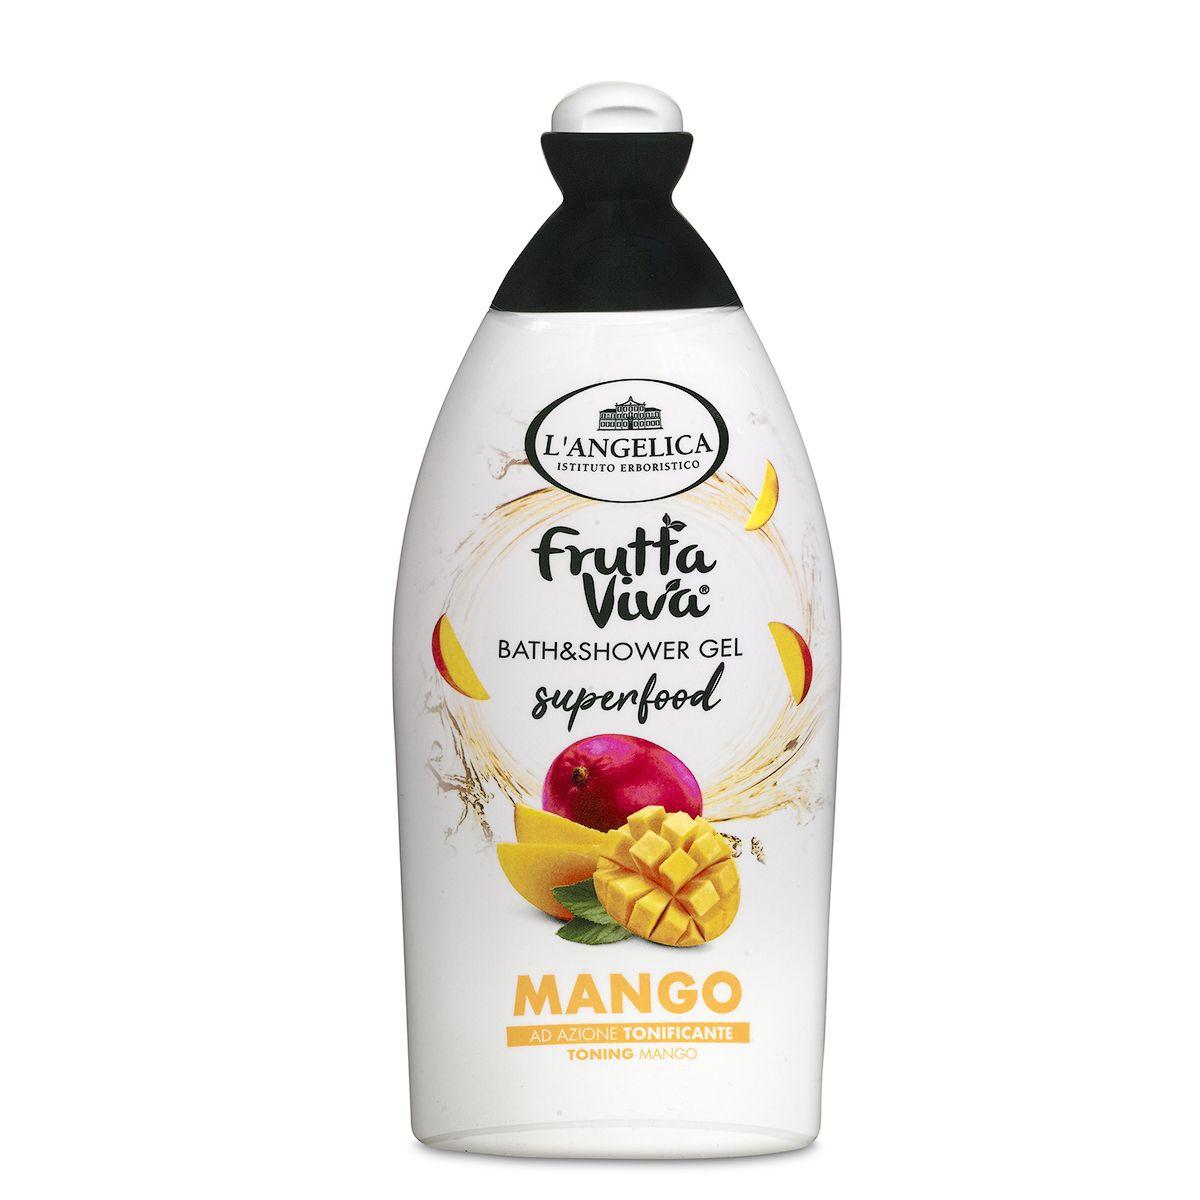 Bagnoschiuma Mango ad azione tonificante